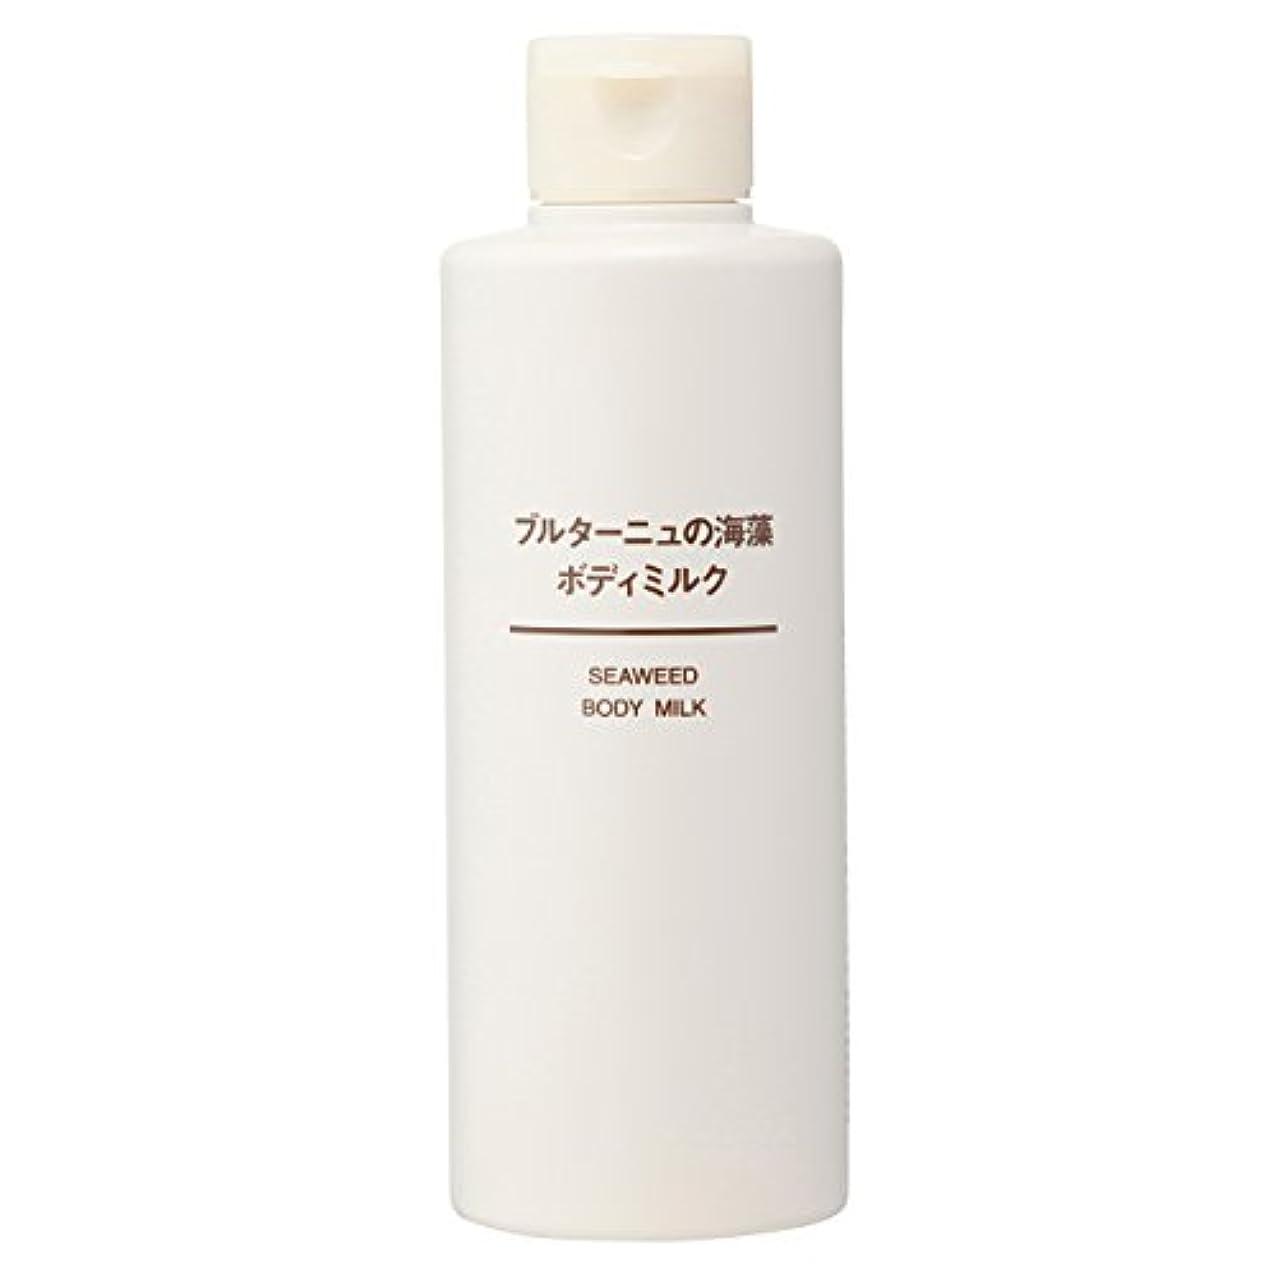 コミュニティドレイン備品無印良品 ブルターニュの海藻 ボディミルク 200ml 日本製